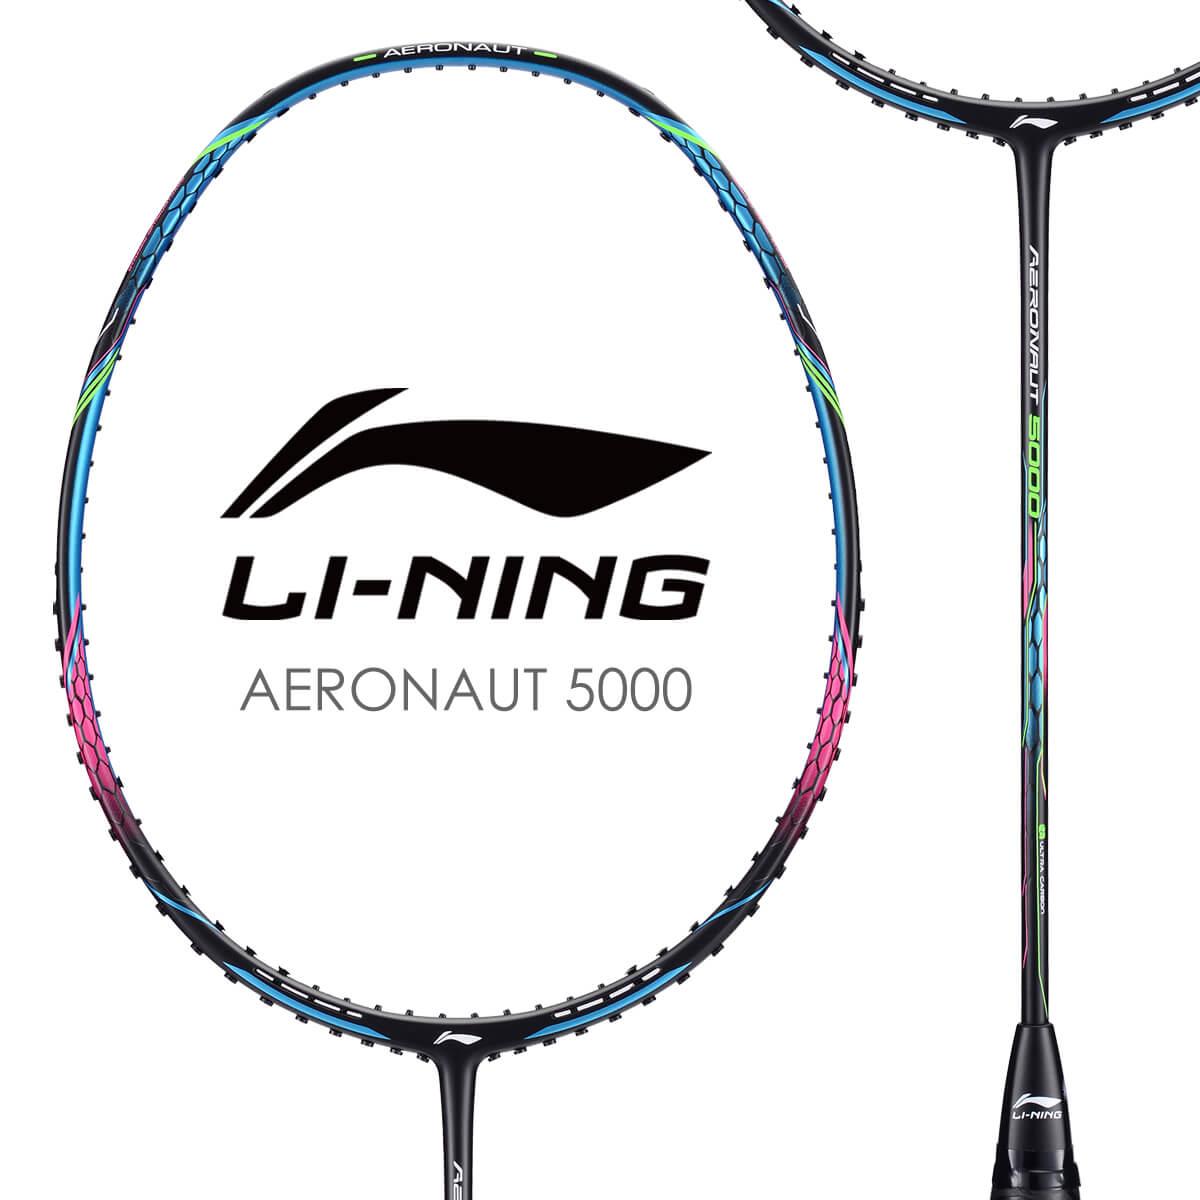 新作 LI-NING AERONAUT 5000 AN5000 マート 風洞設計 バドミントンラケット ガット張り工賃無料 リーニン オススメガット